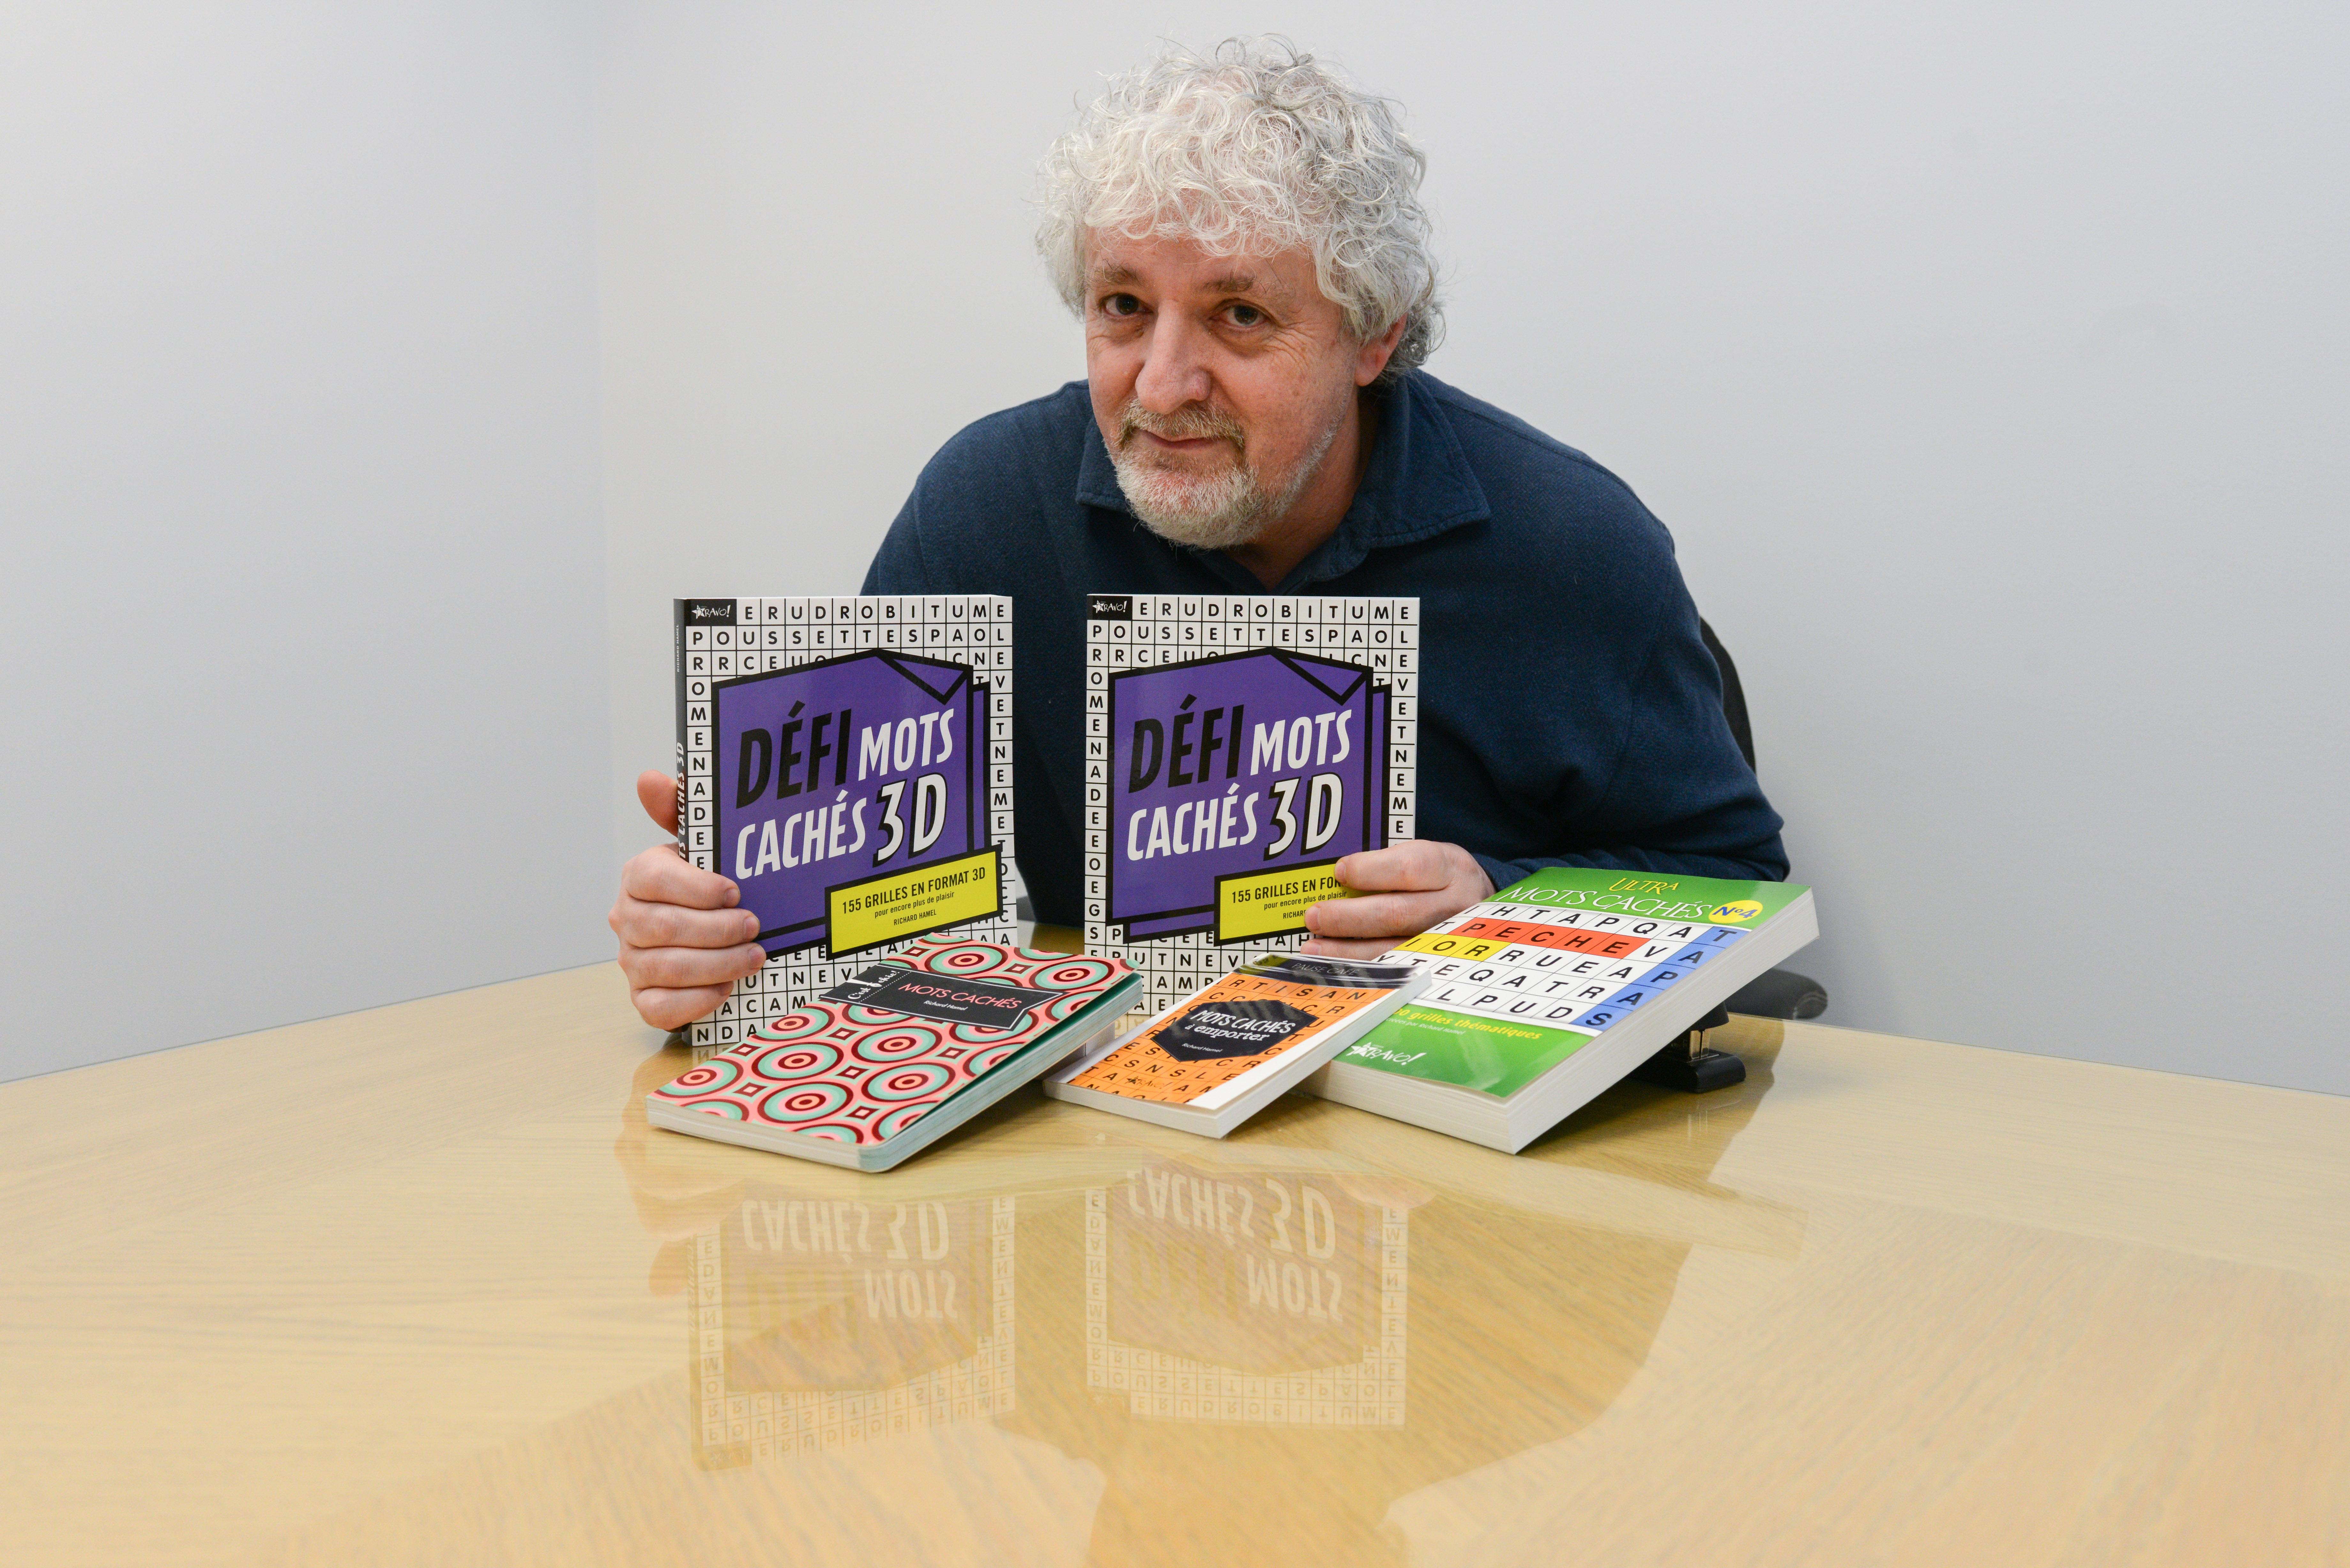 Richard Hamel invente les mots cachés 3D